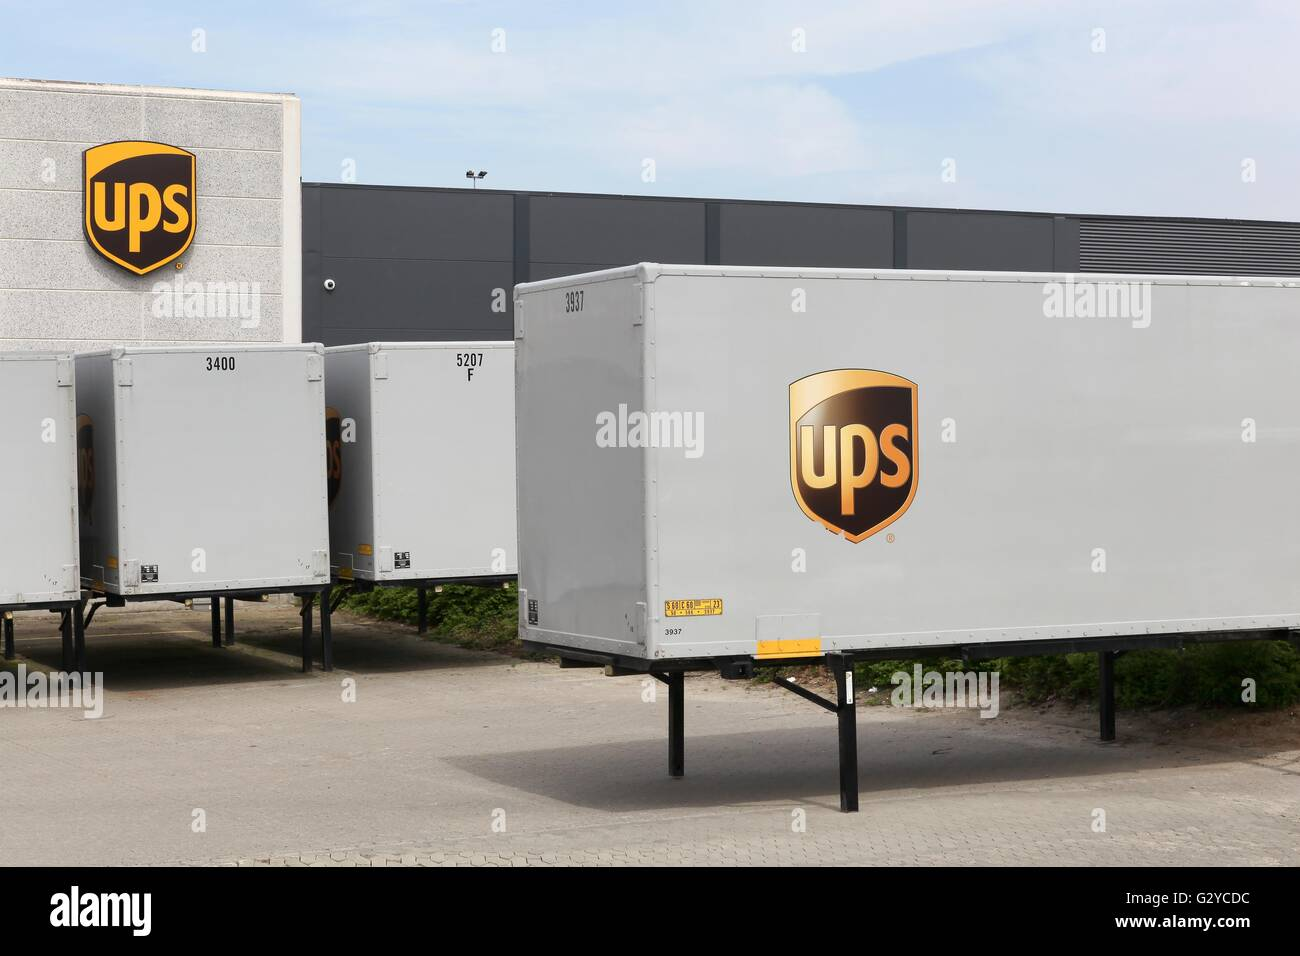 UPS Logistik-center Stockbild